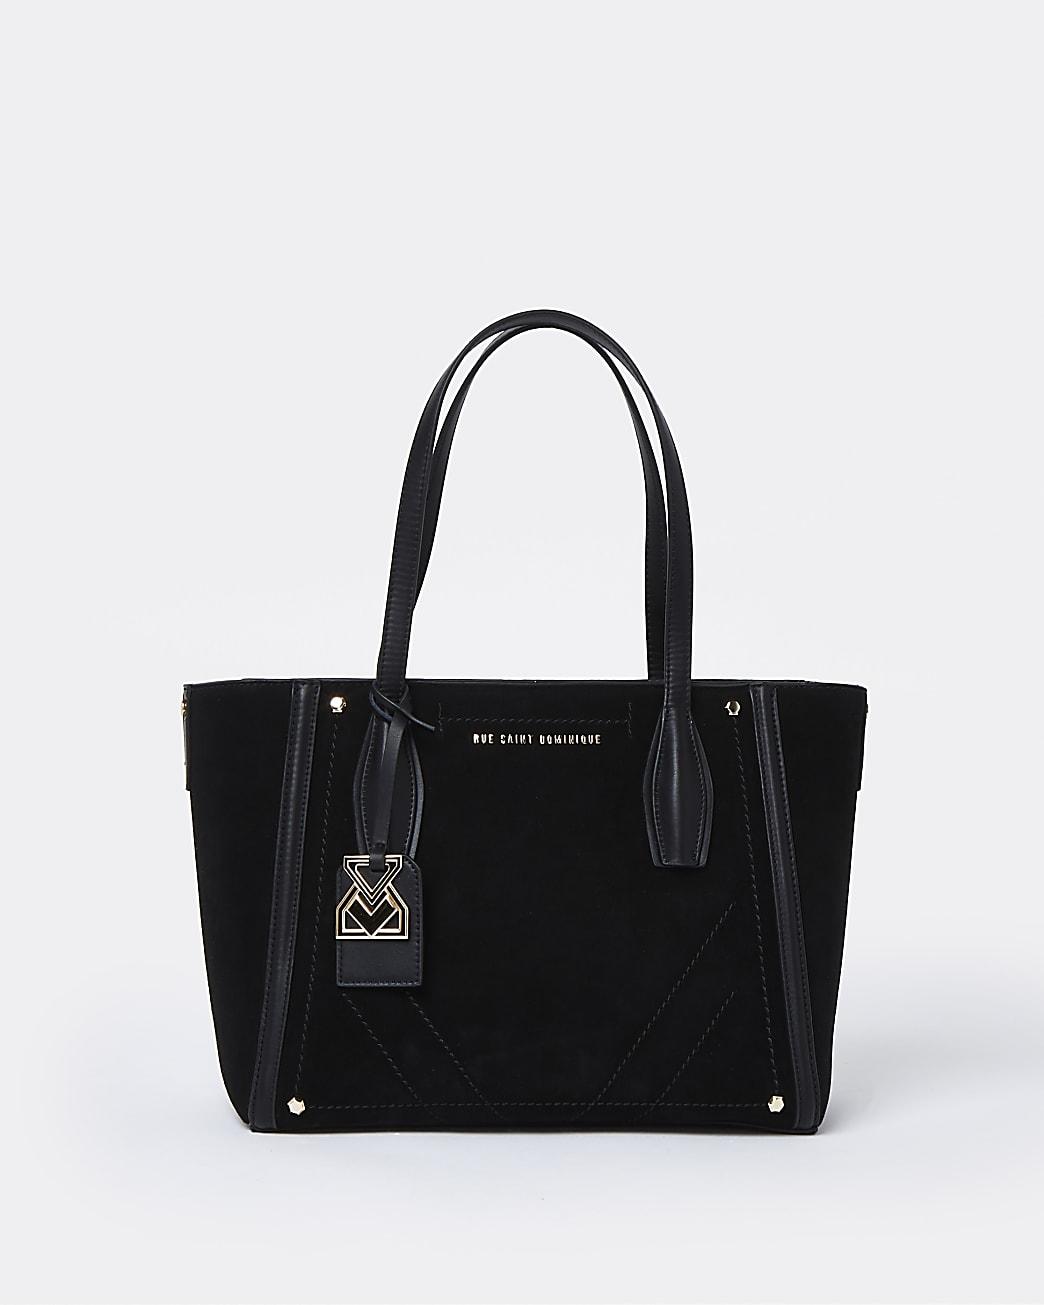 RSD black suede shopper bag